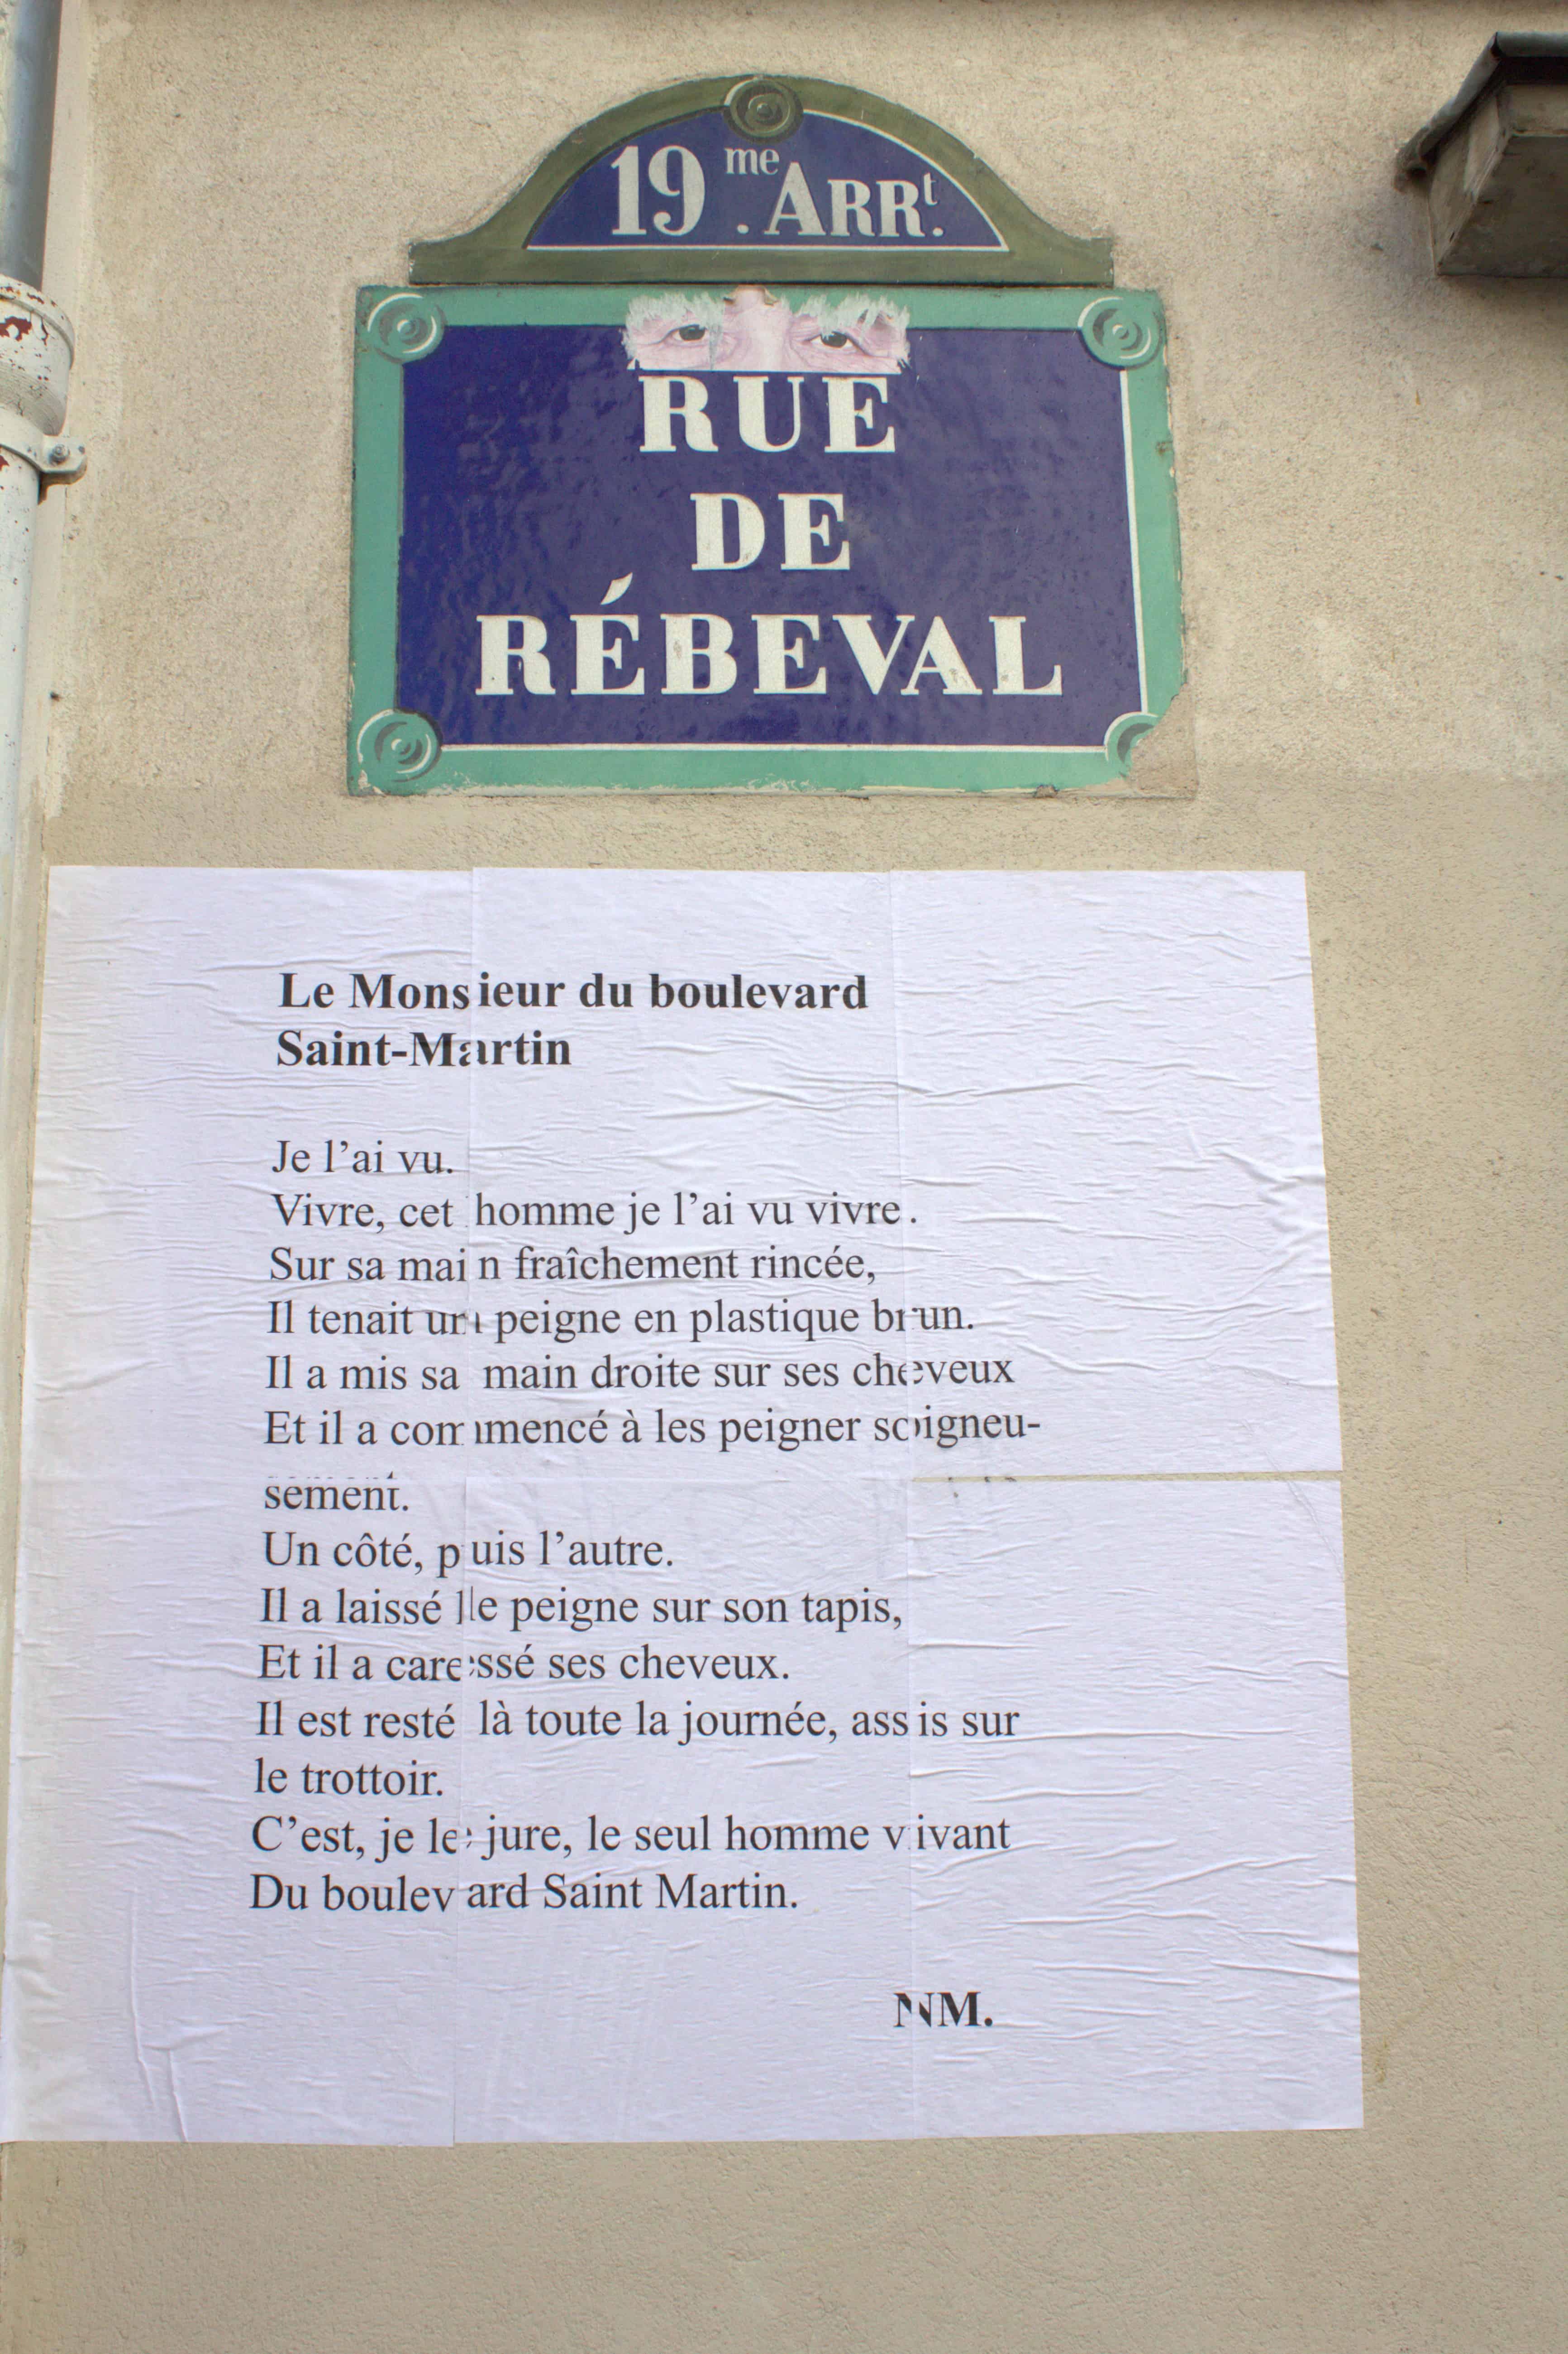 le monsieur du boulevard saint-martin, nathalie man, poésie, belleville